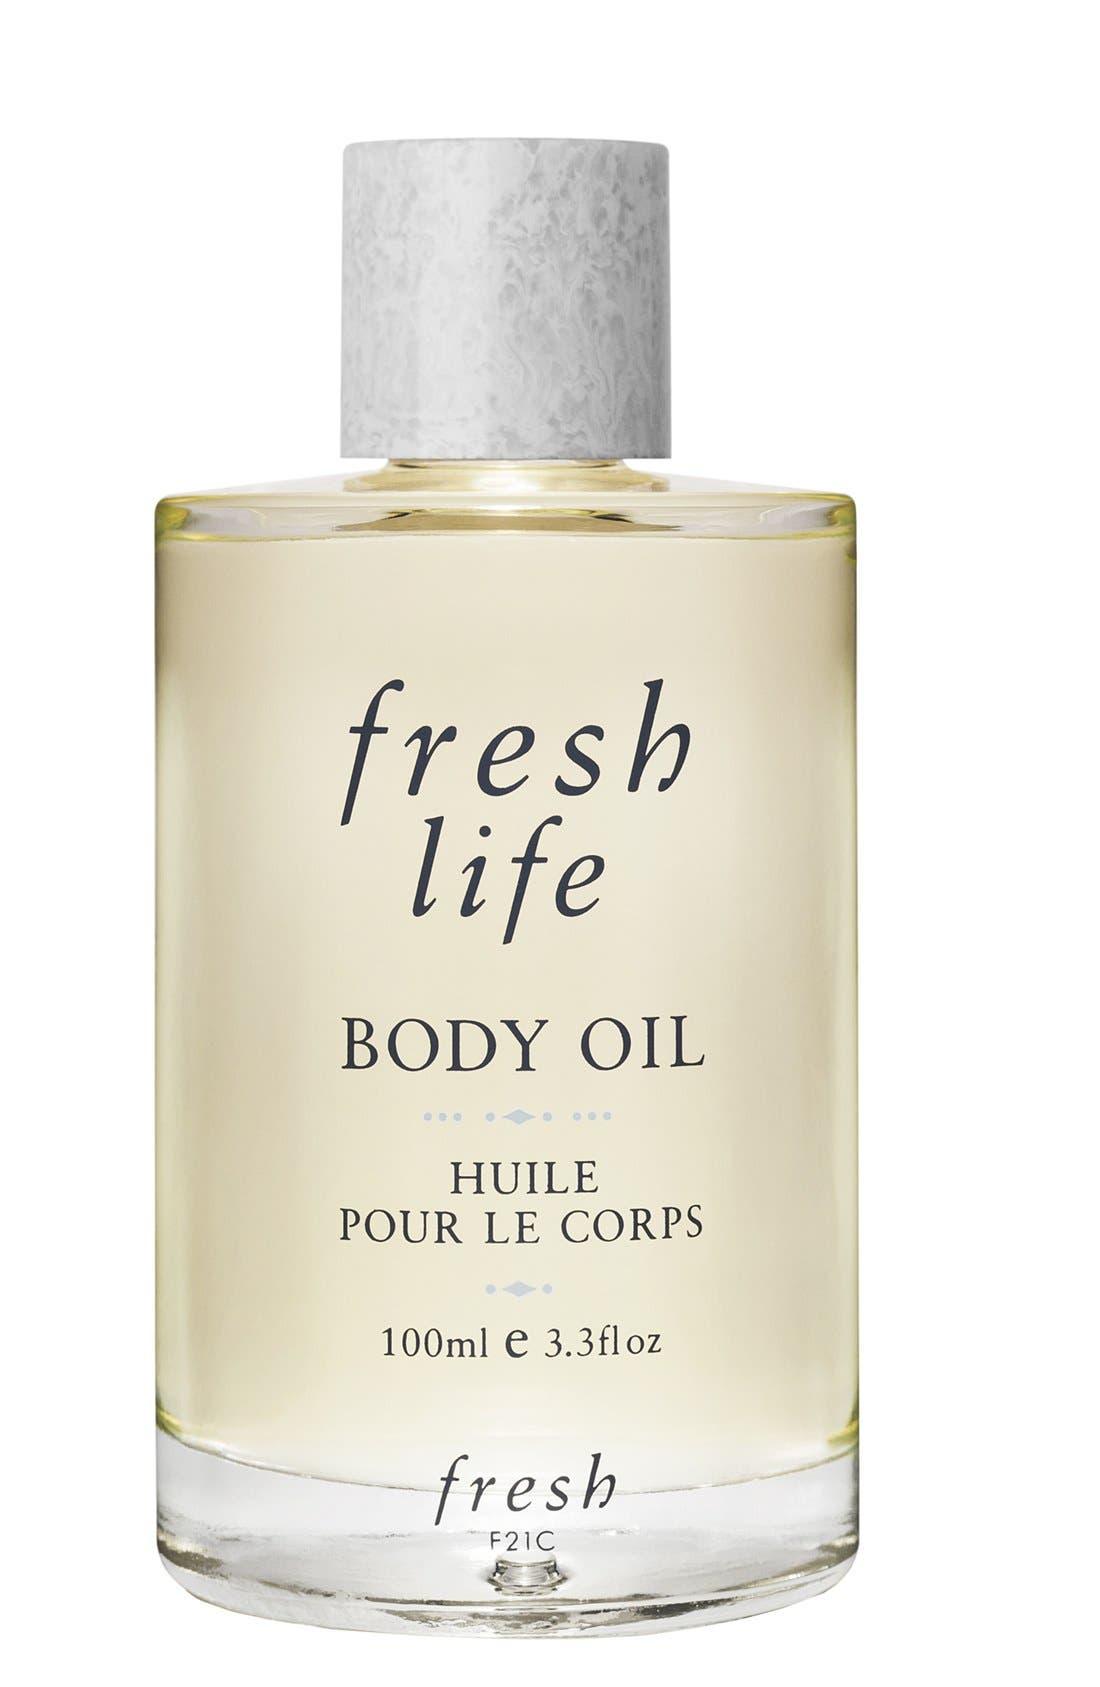 Fresh® 'Life' Body Oil